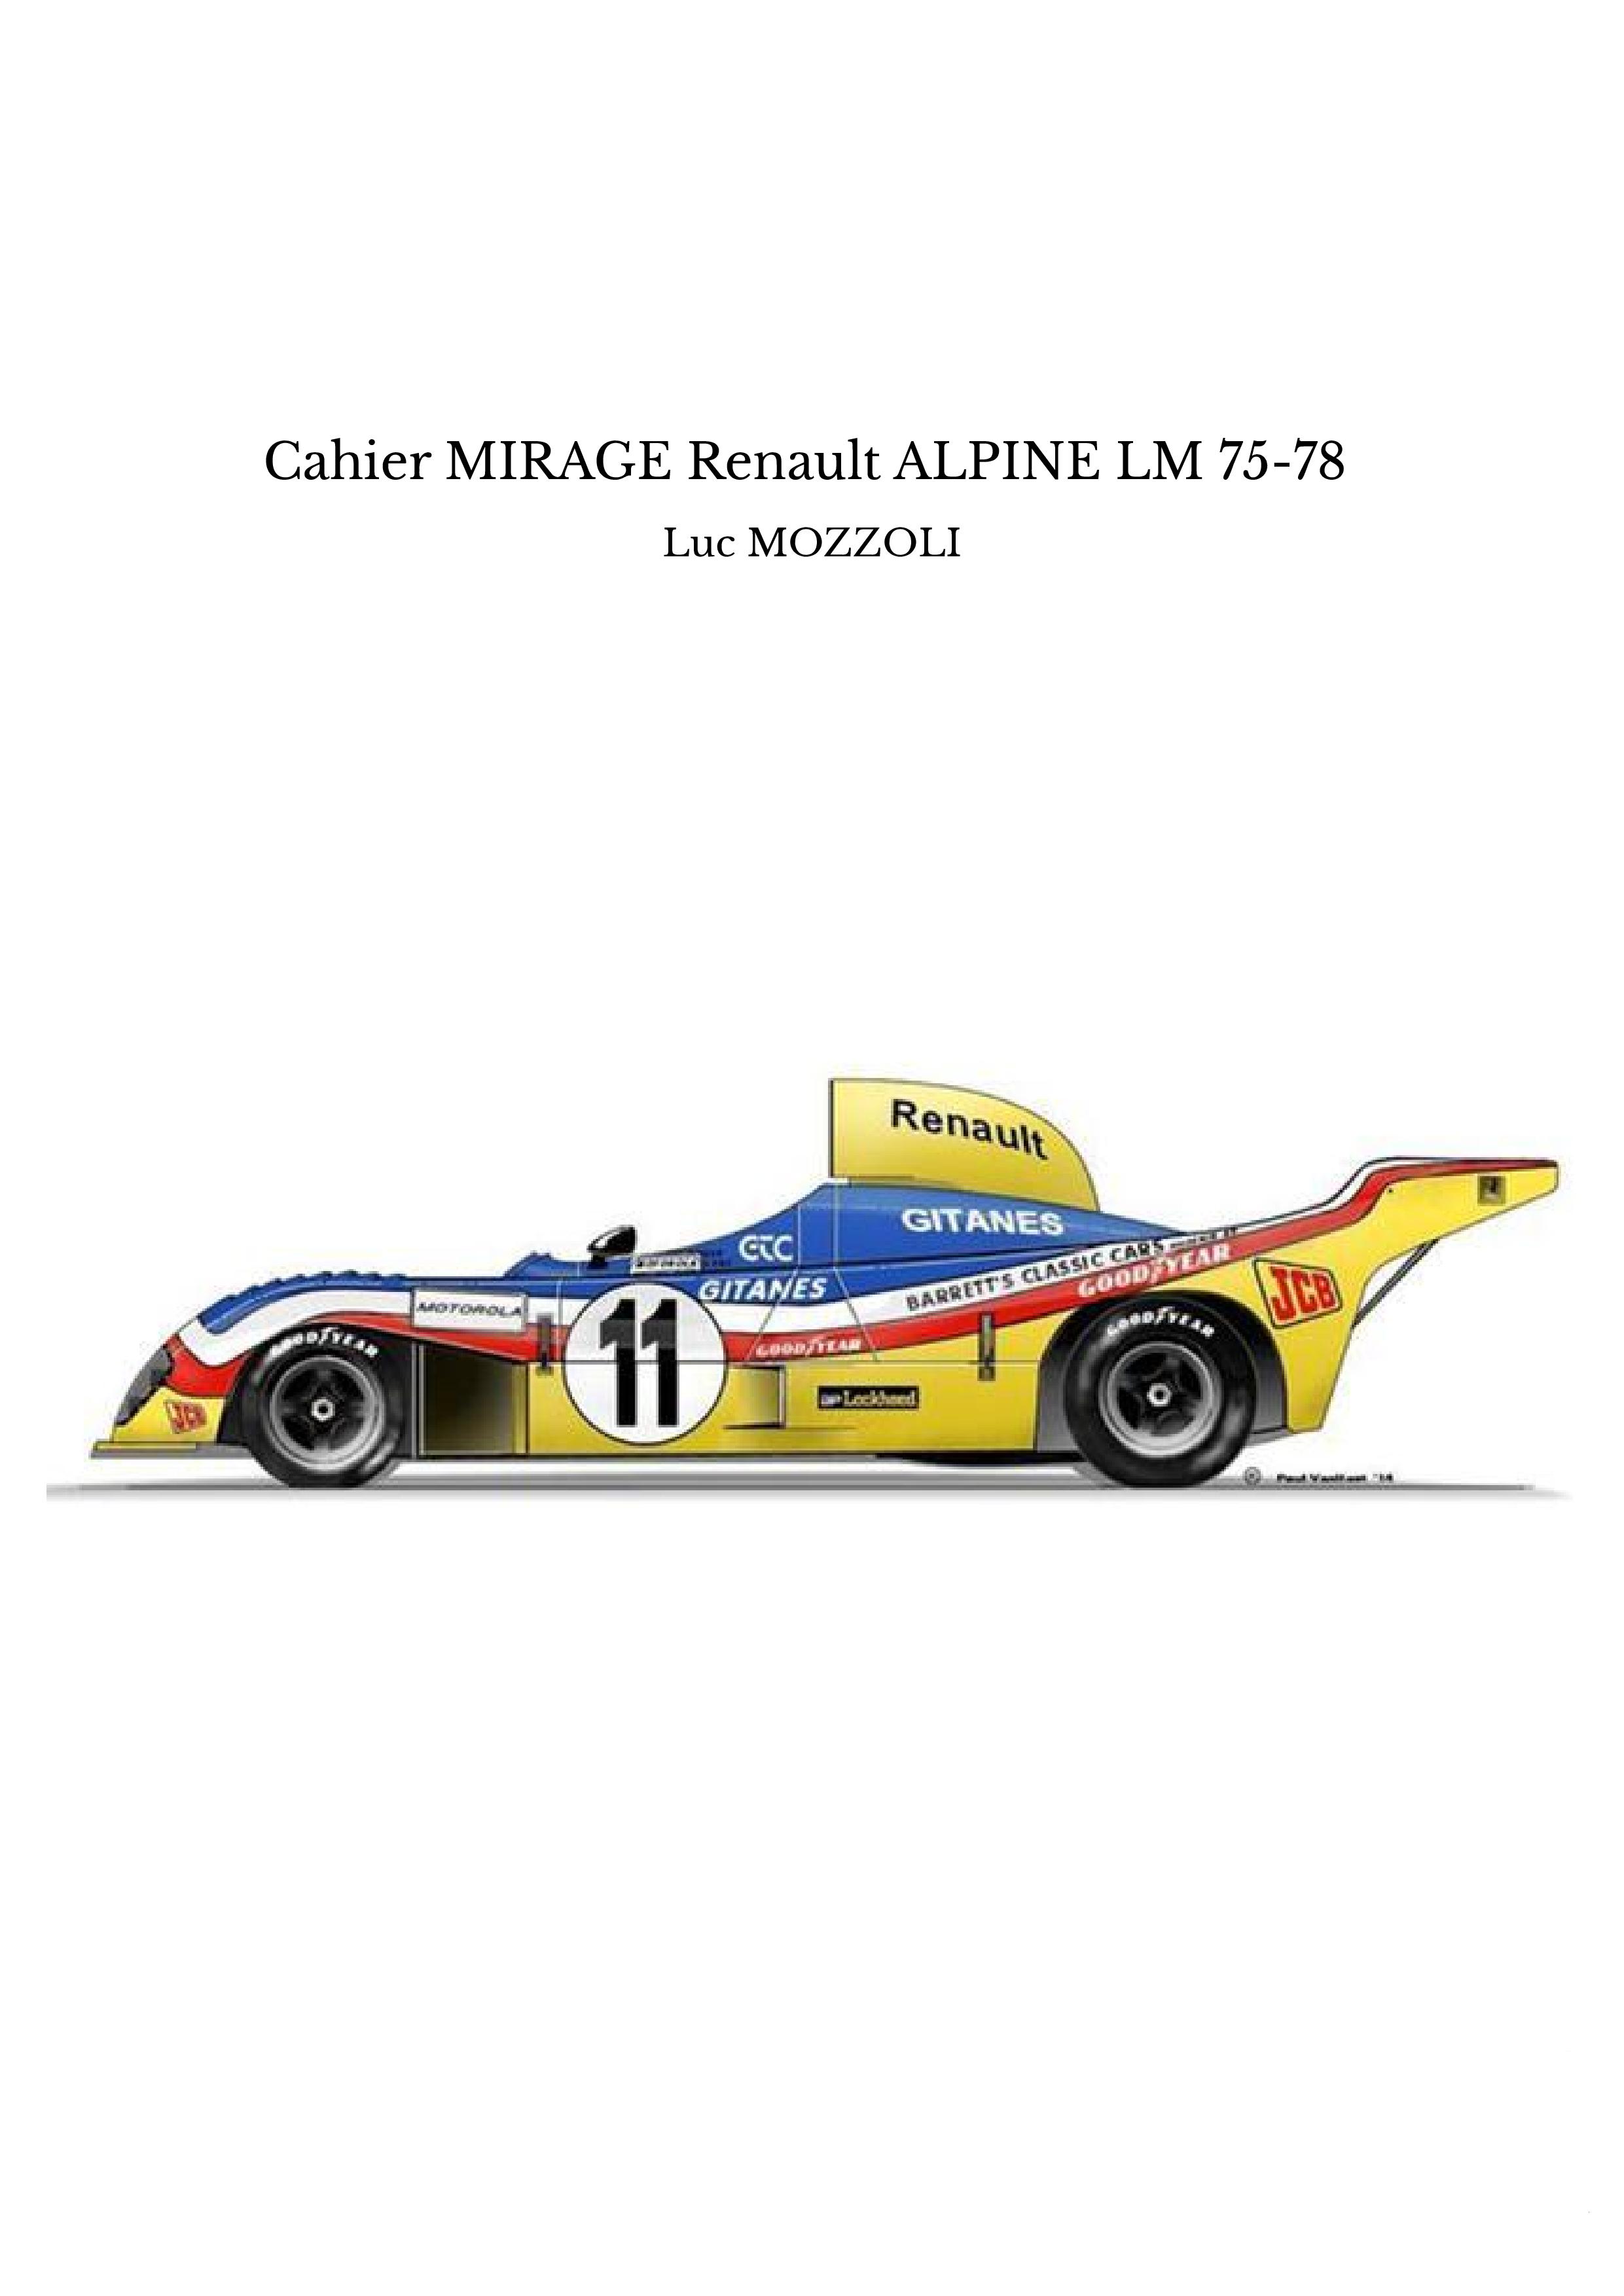 Cahier MIRAGE Renault ALPINE LM 75-78